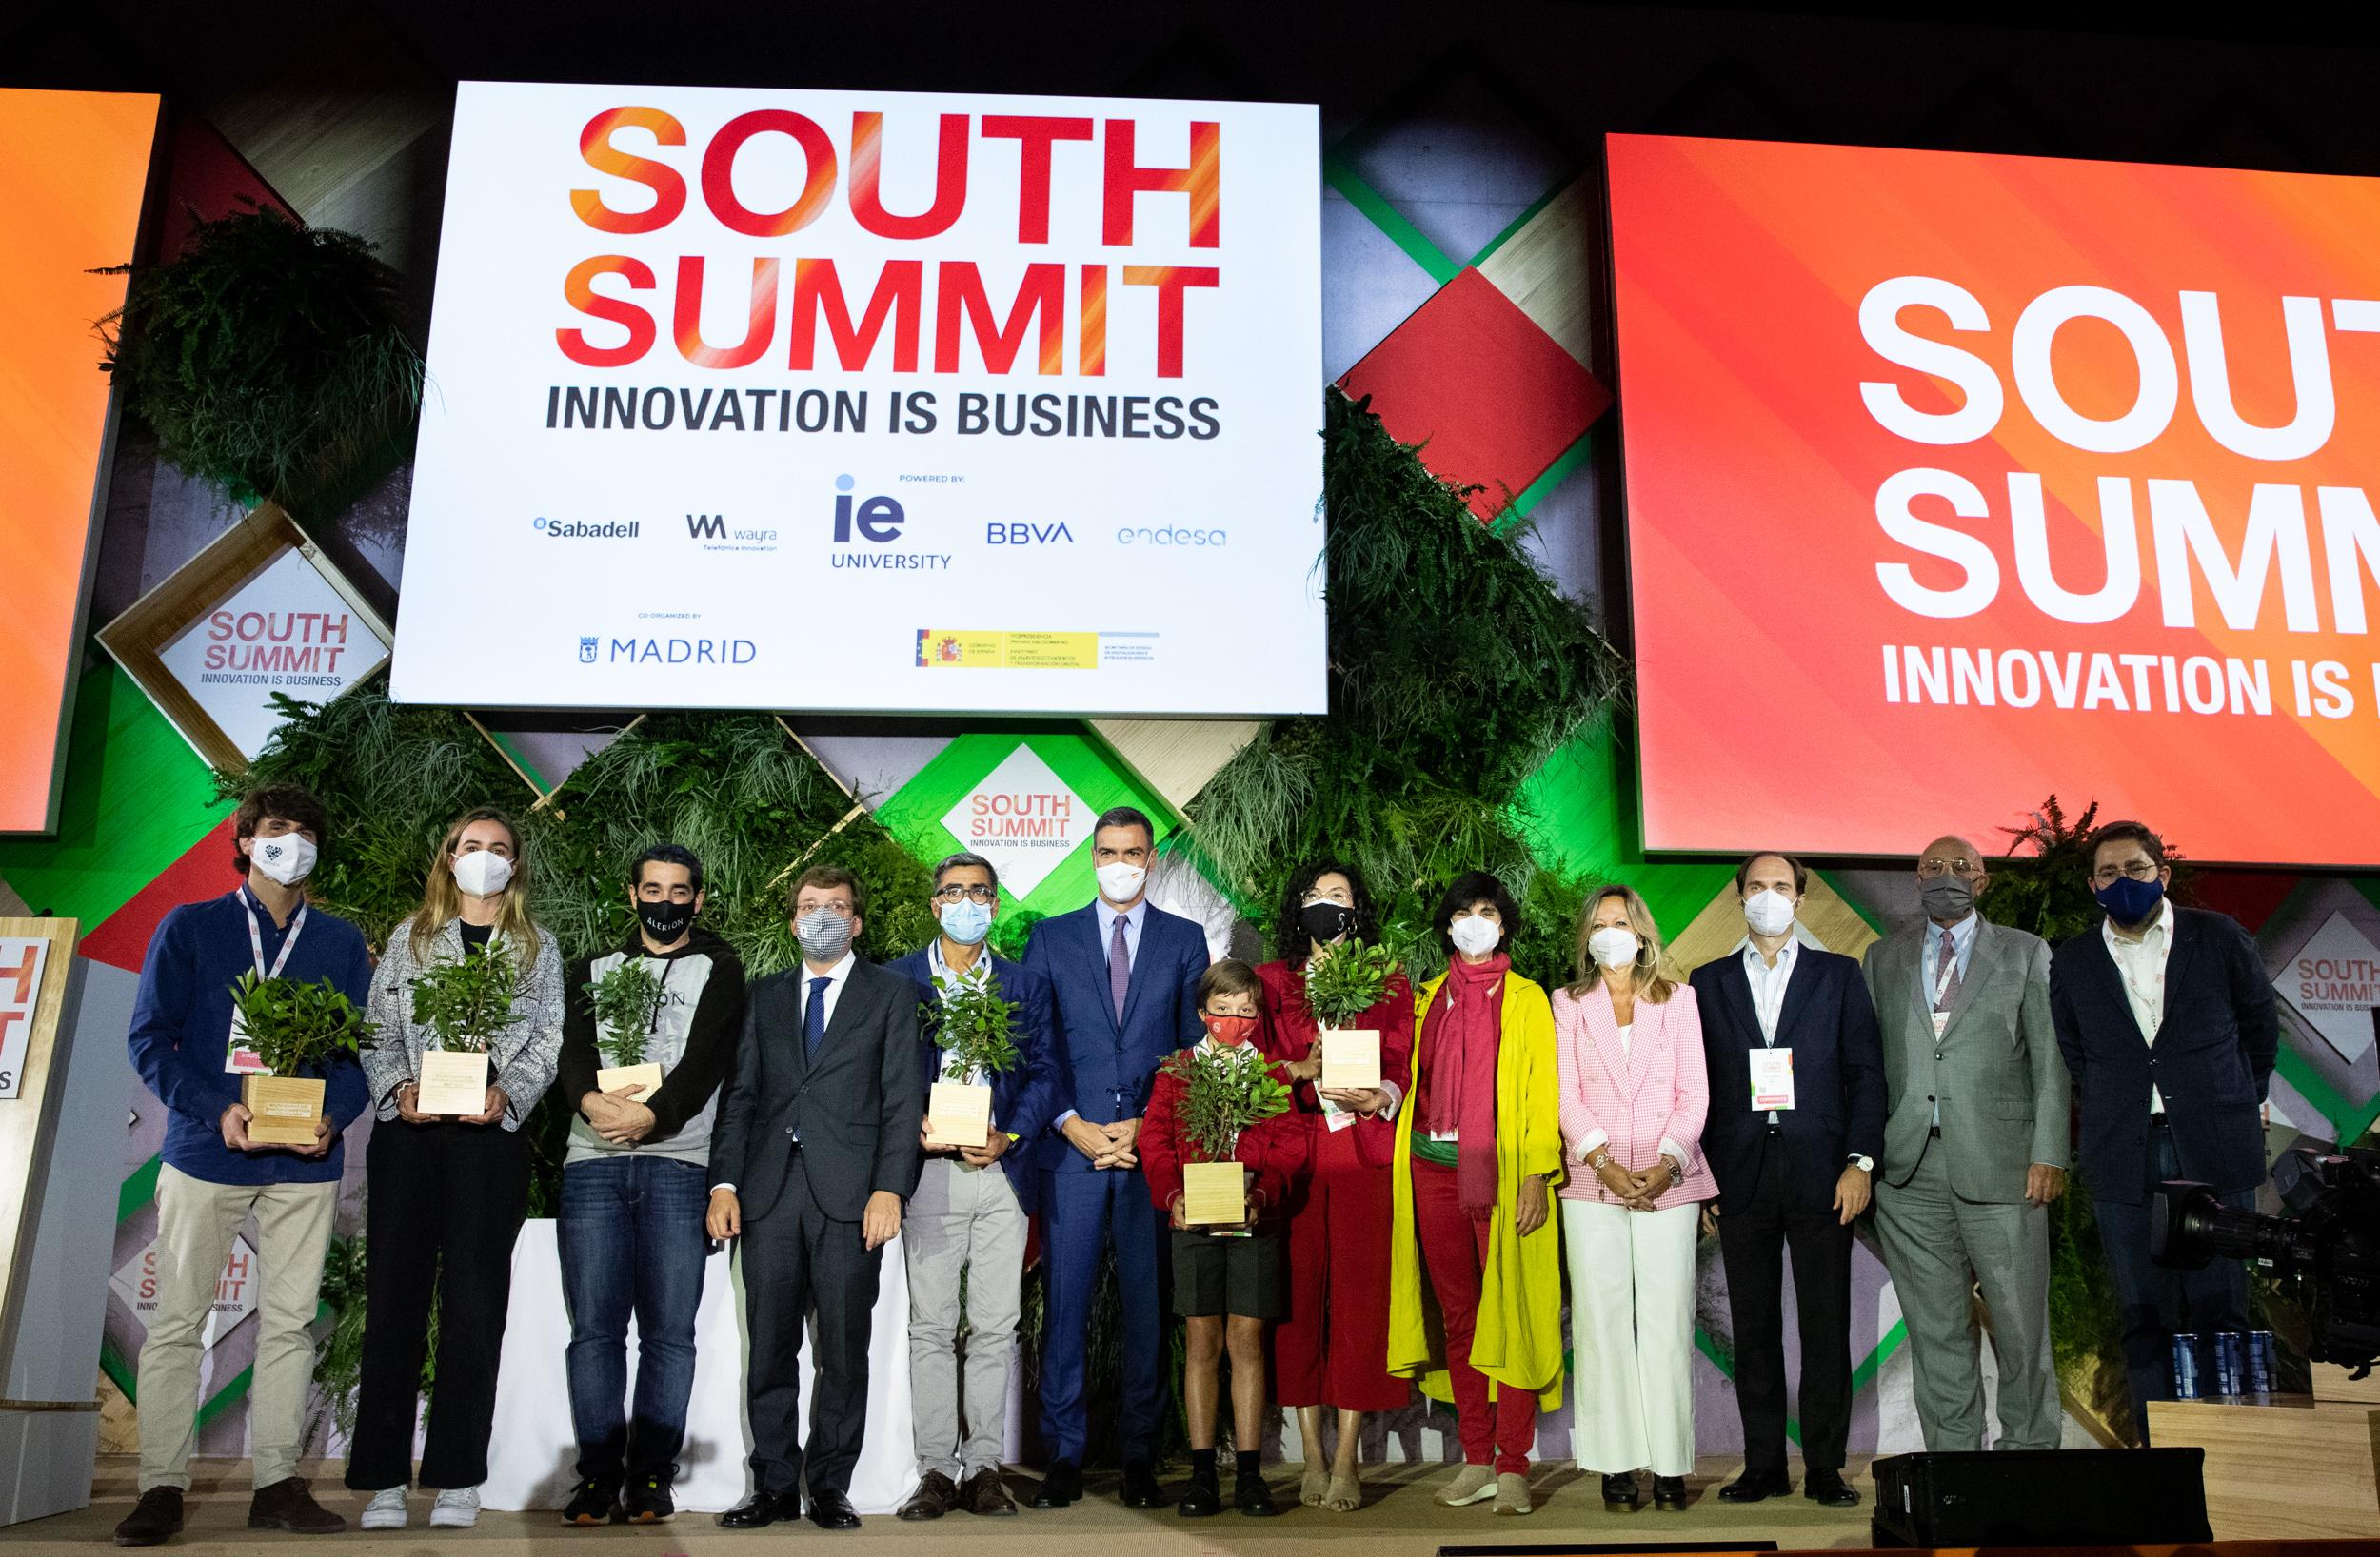 La startup Symba se alza como ganadora global de South Summit 2021